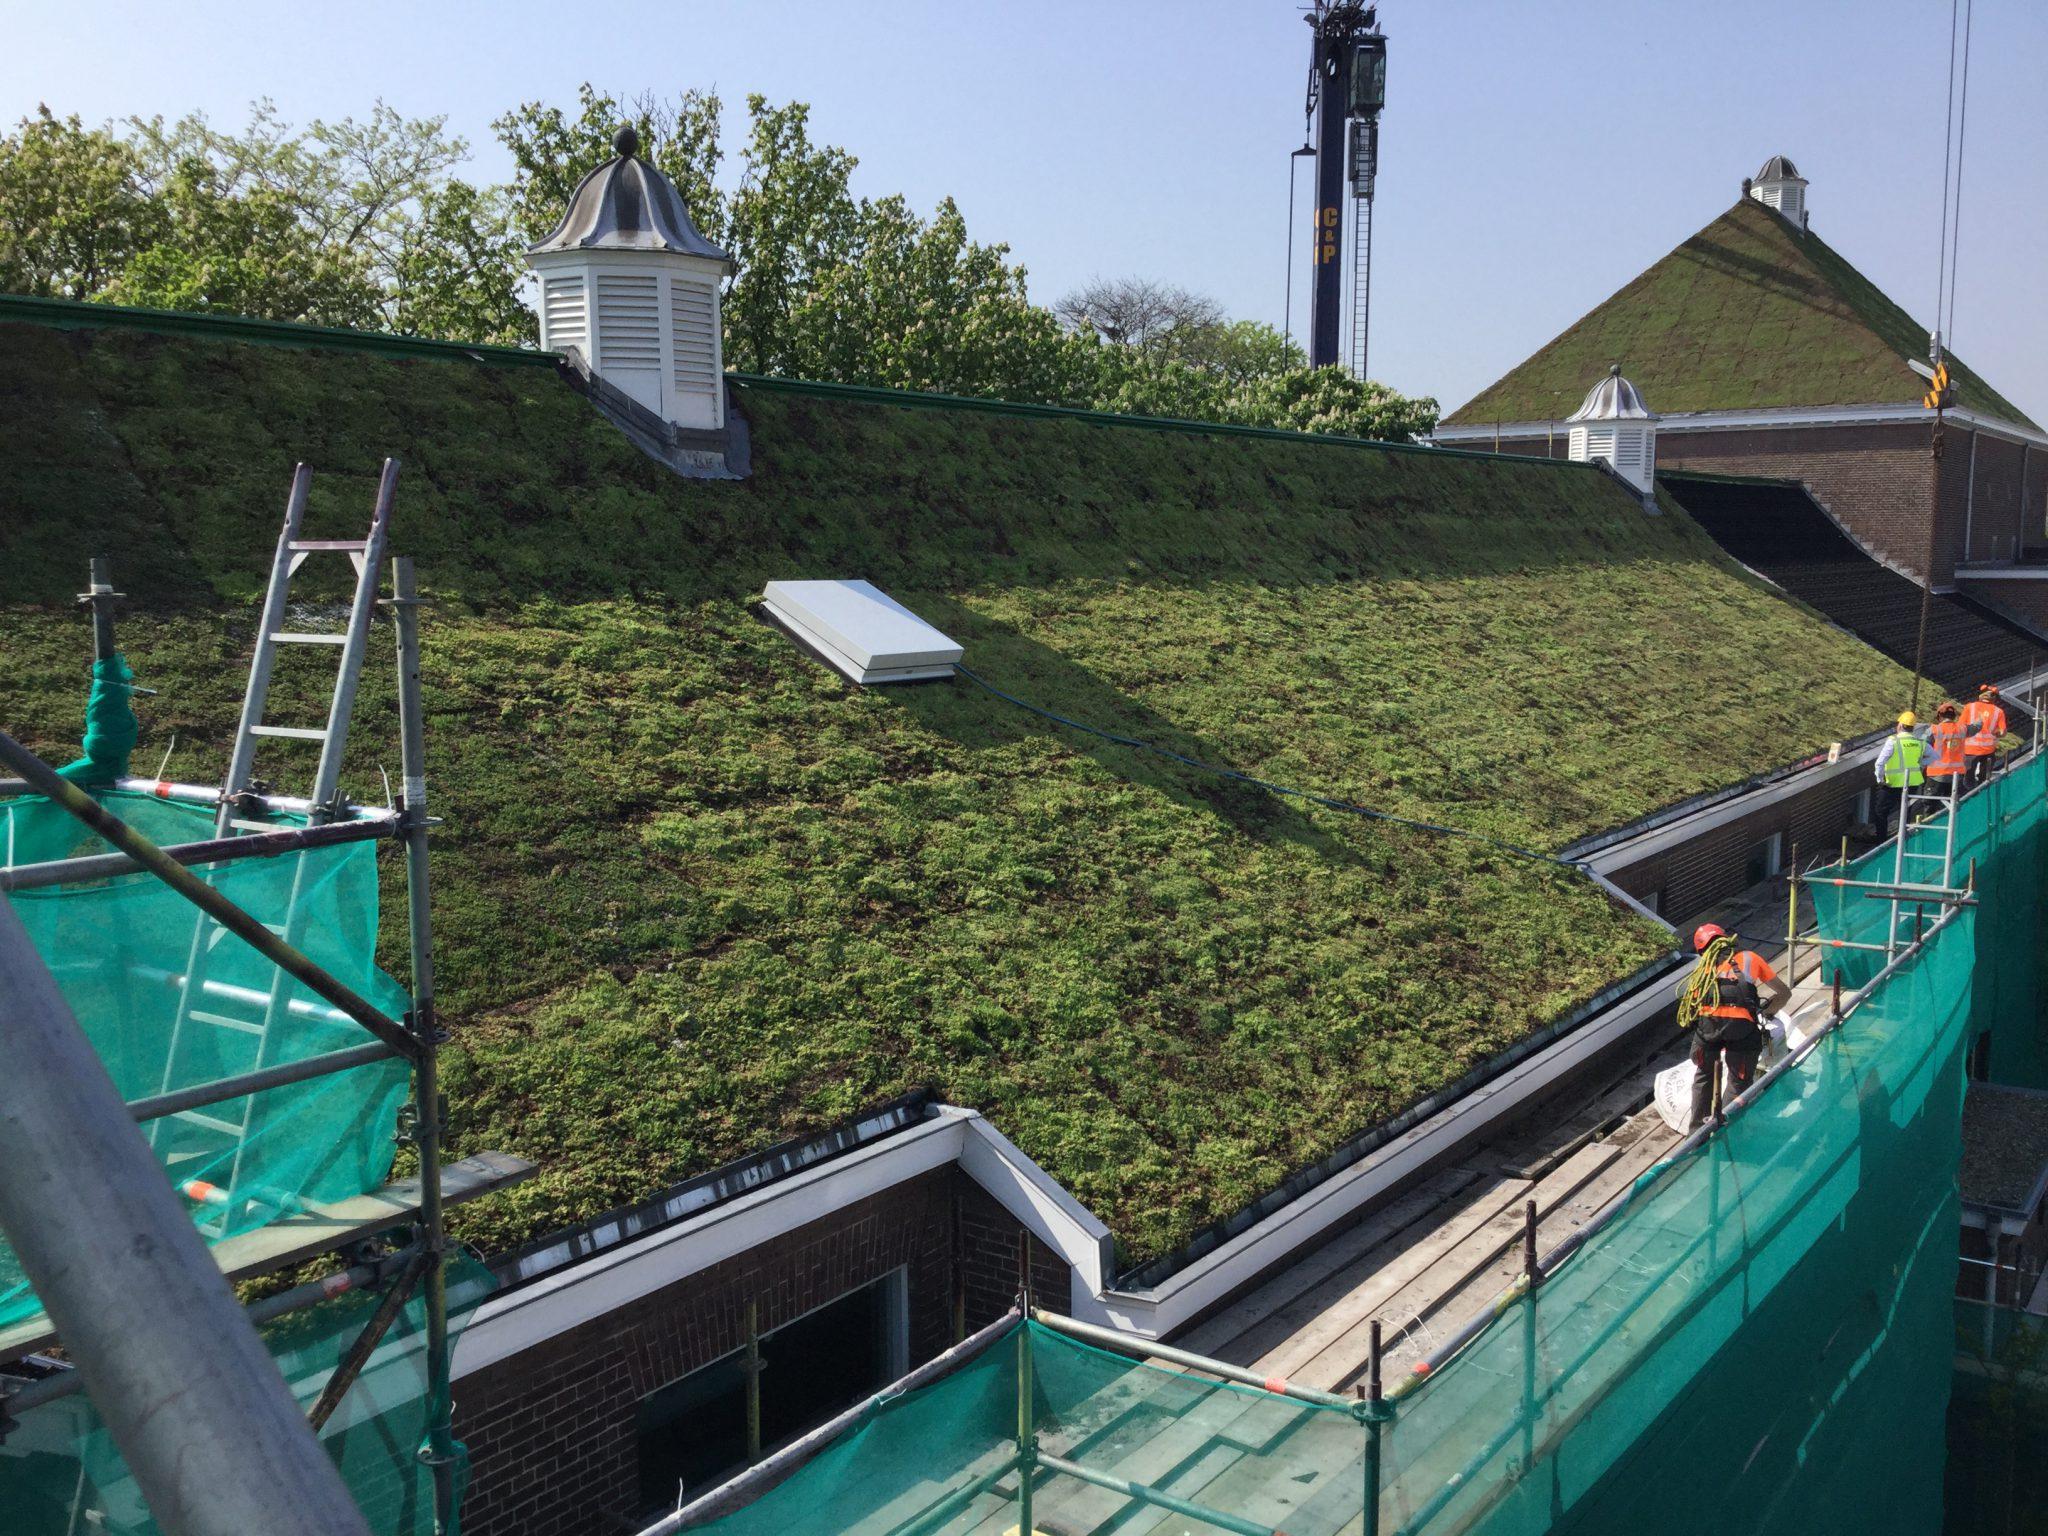 Genoeg Sedum vervangt dakpannen op 100 jaar oud zadeldak » Bouwwereld.nl LR17